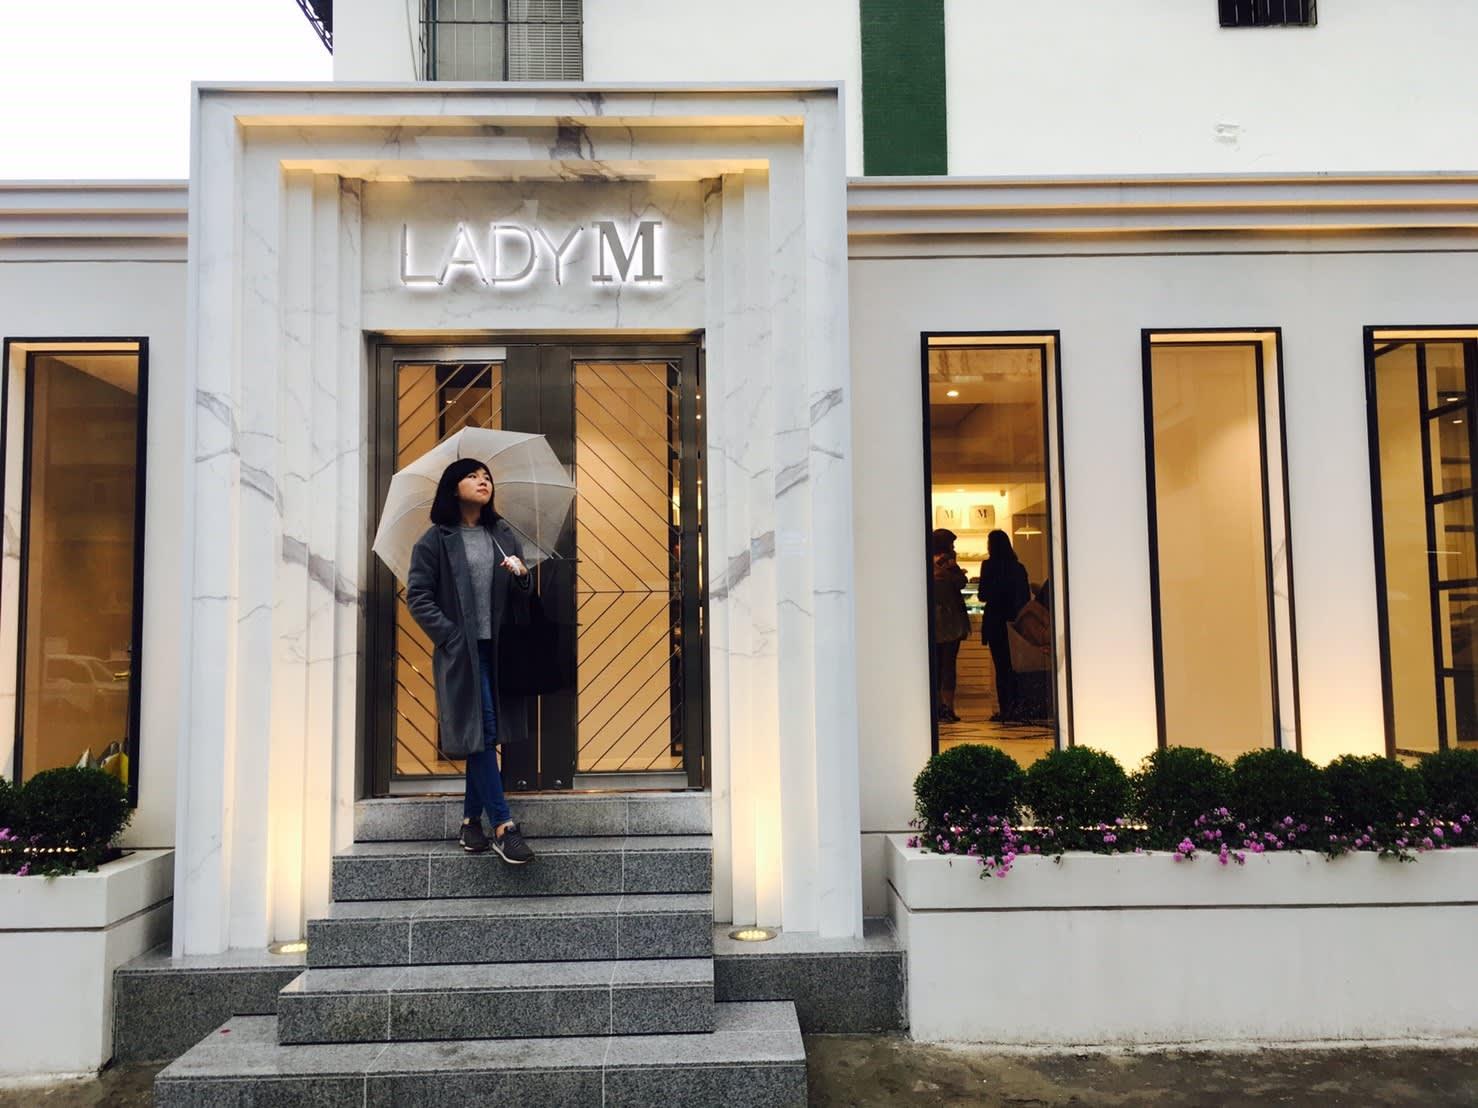 甜點店Lady M 小編已可以預測到這扇門將成為2017打卡新地標!